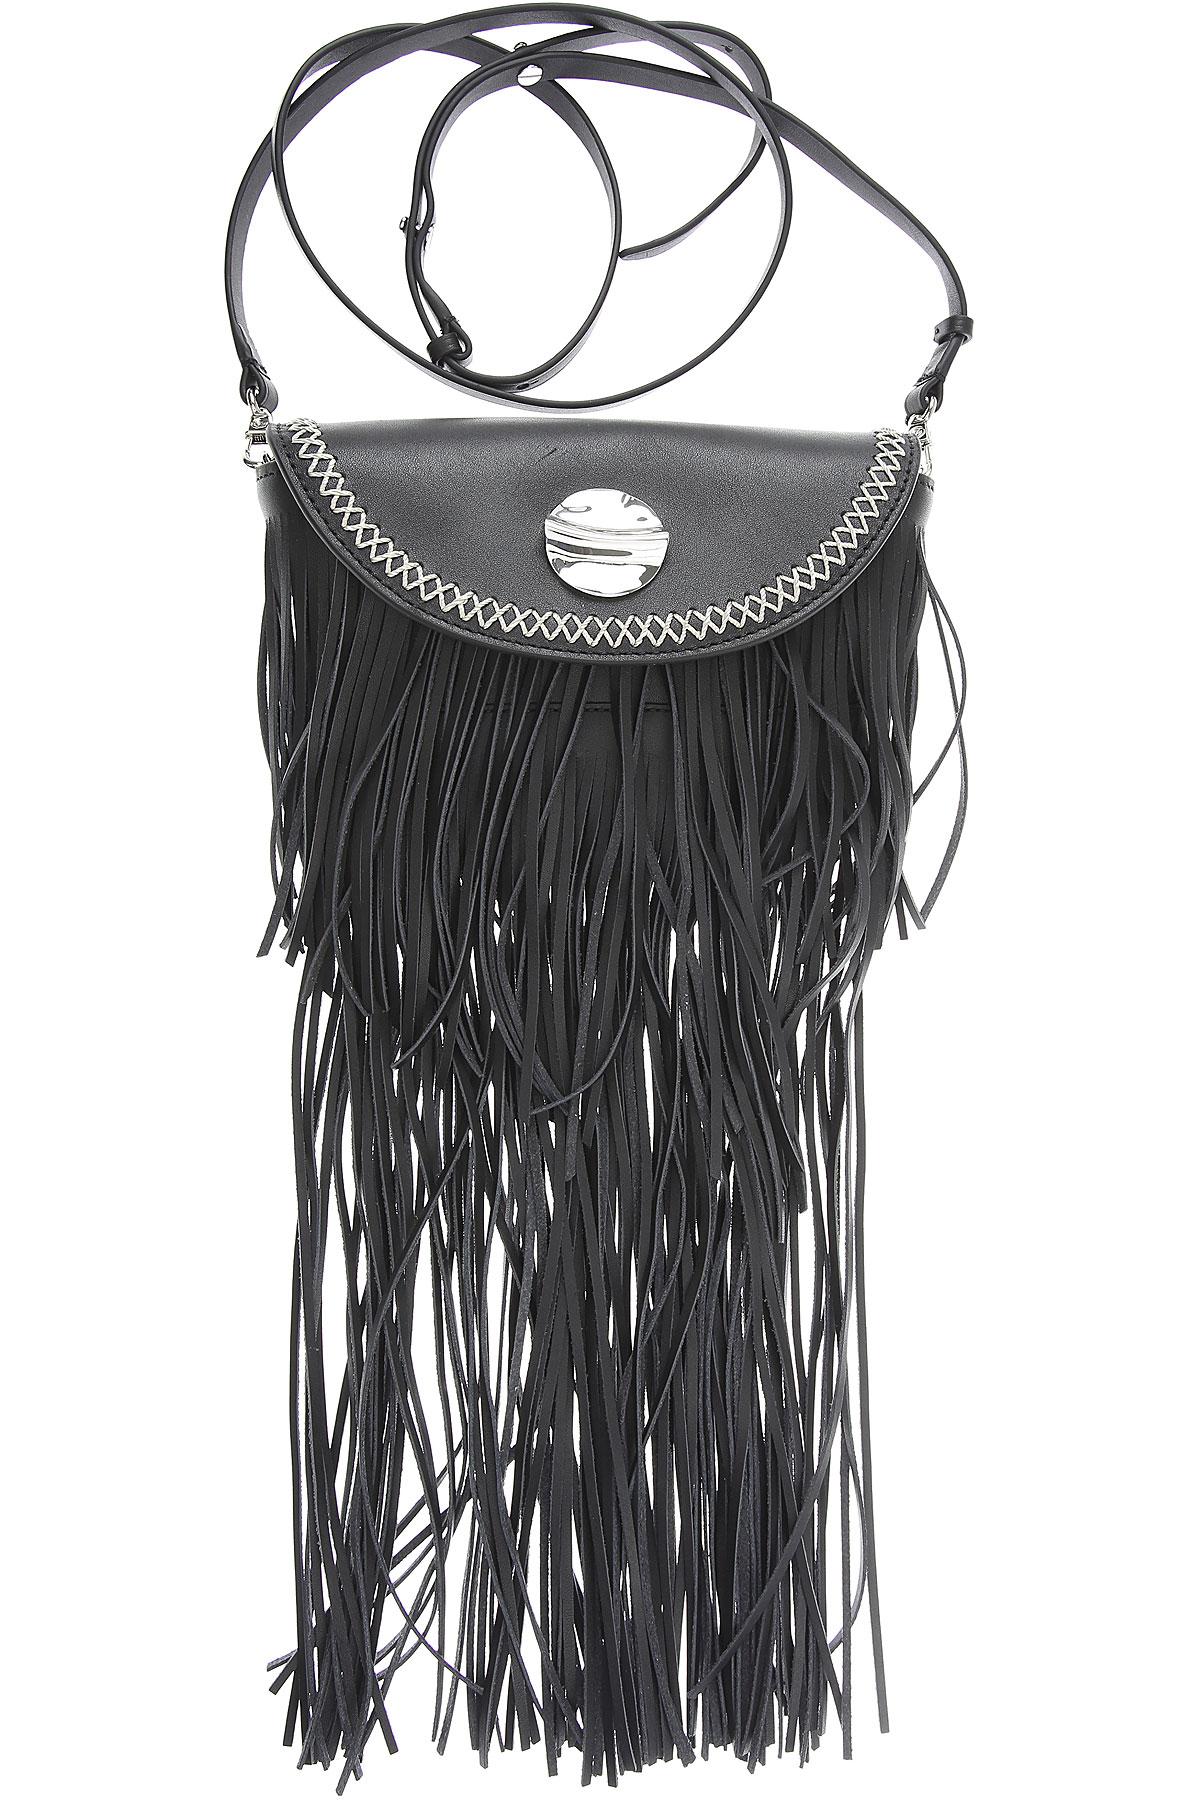 3.1 PHILLIP LIM Shoulder Bag for Women On Sale, Black, Leather, 2019